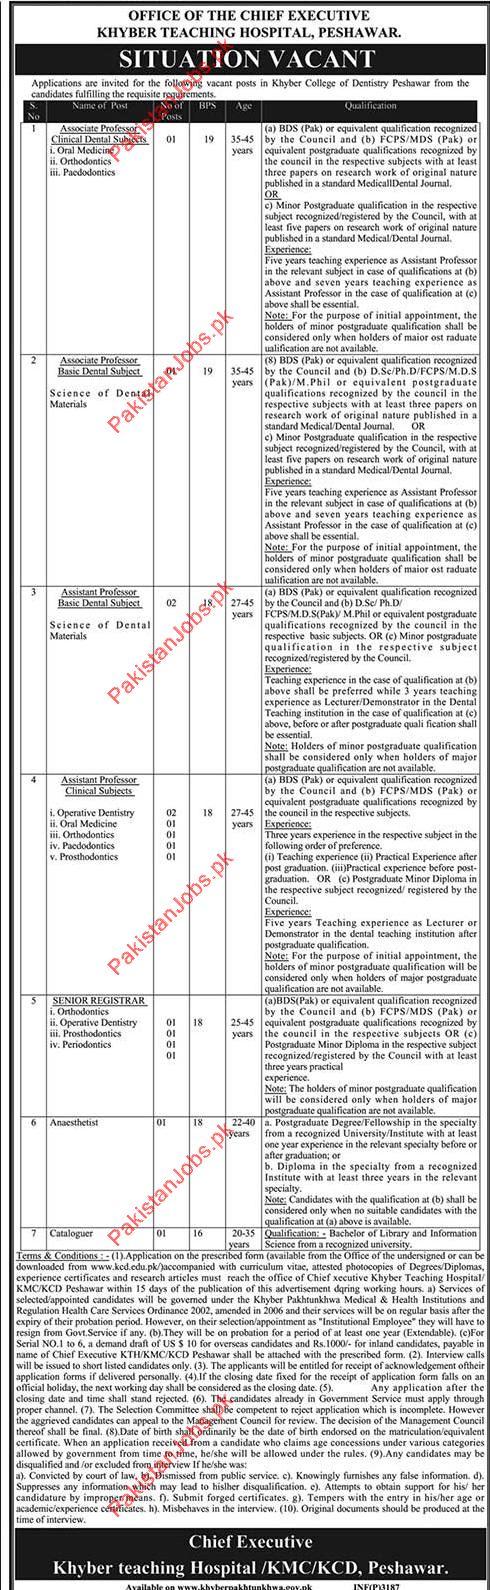 Khyber Teaching Hospital, Peshawar Career Opportunities